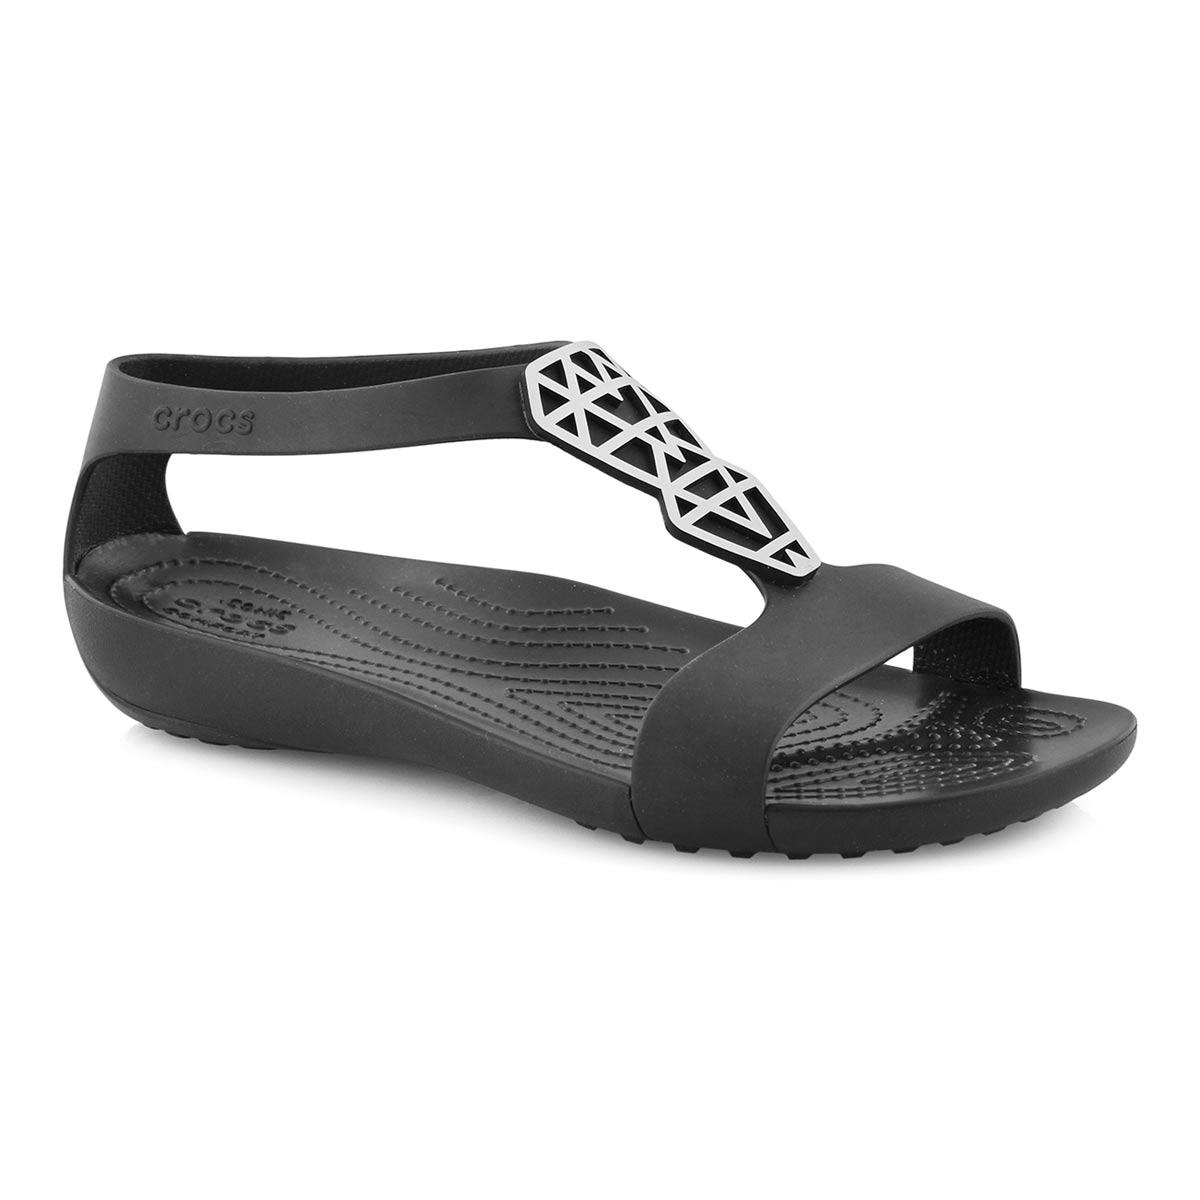 Lds Serena Embellish blk/slvr sandal